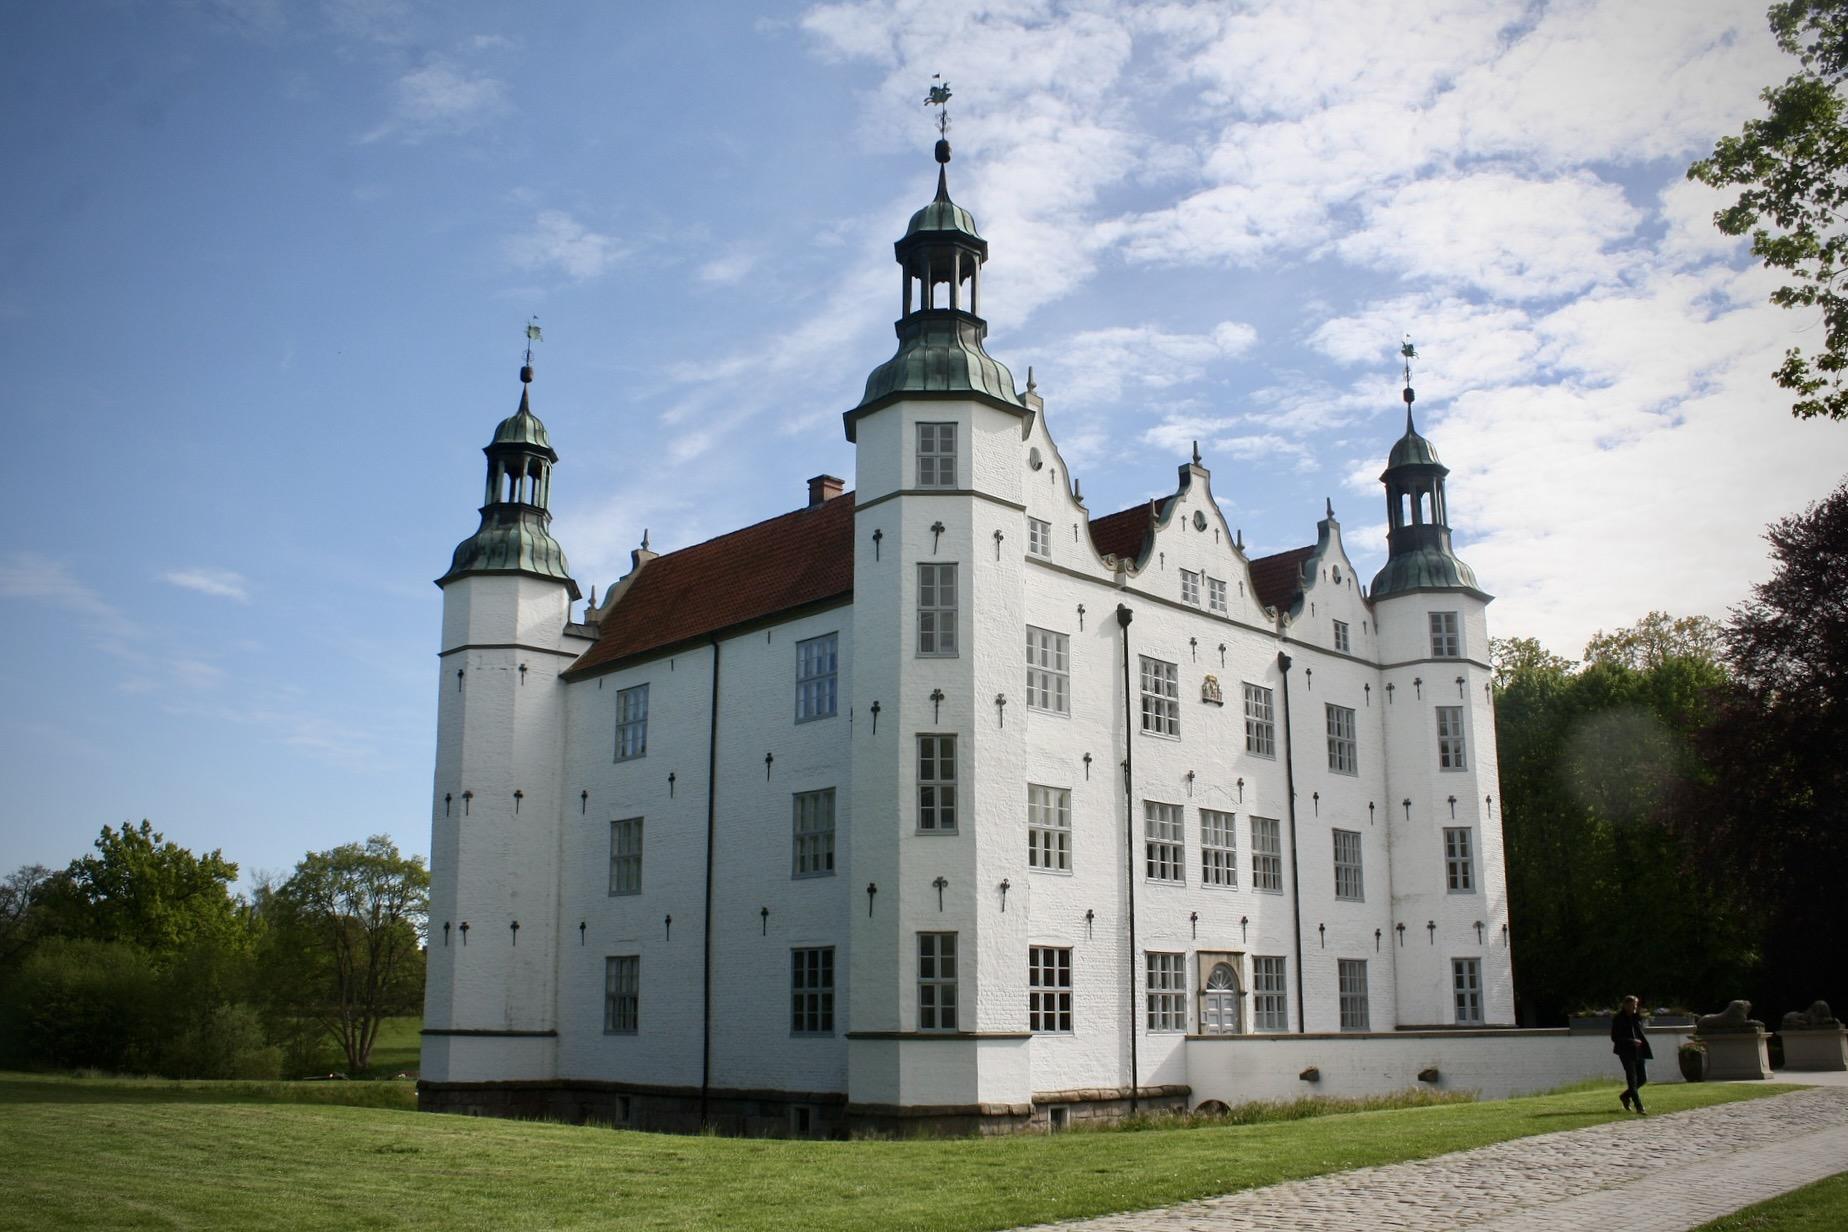 Schloss Ahrensburg ist als Reiseziel von Hamburg beliebt